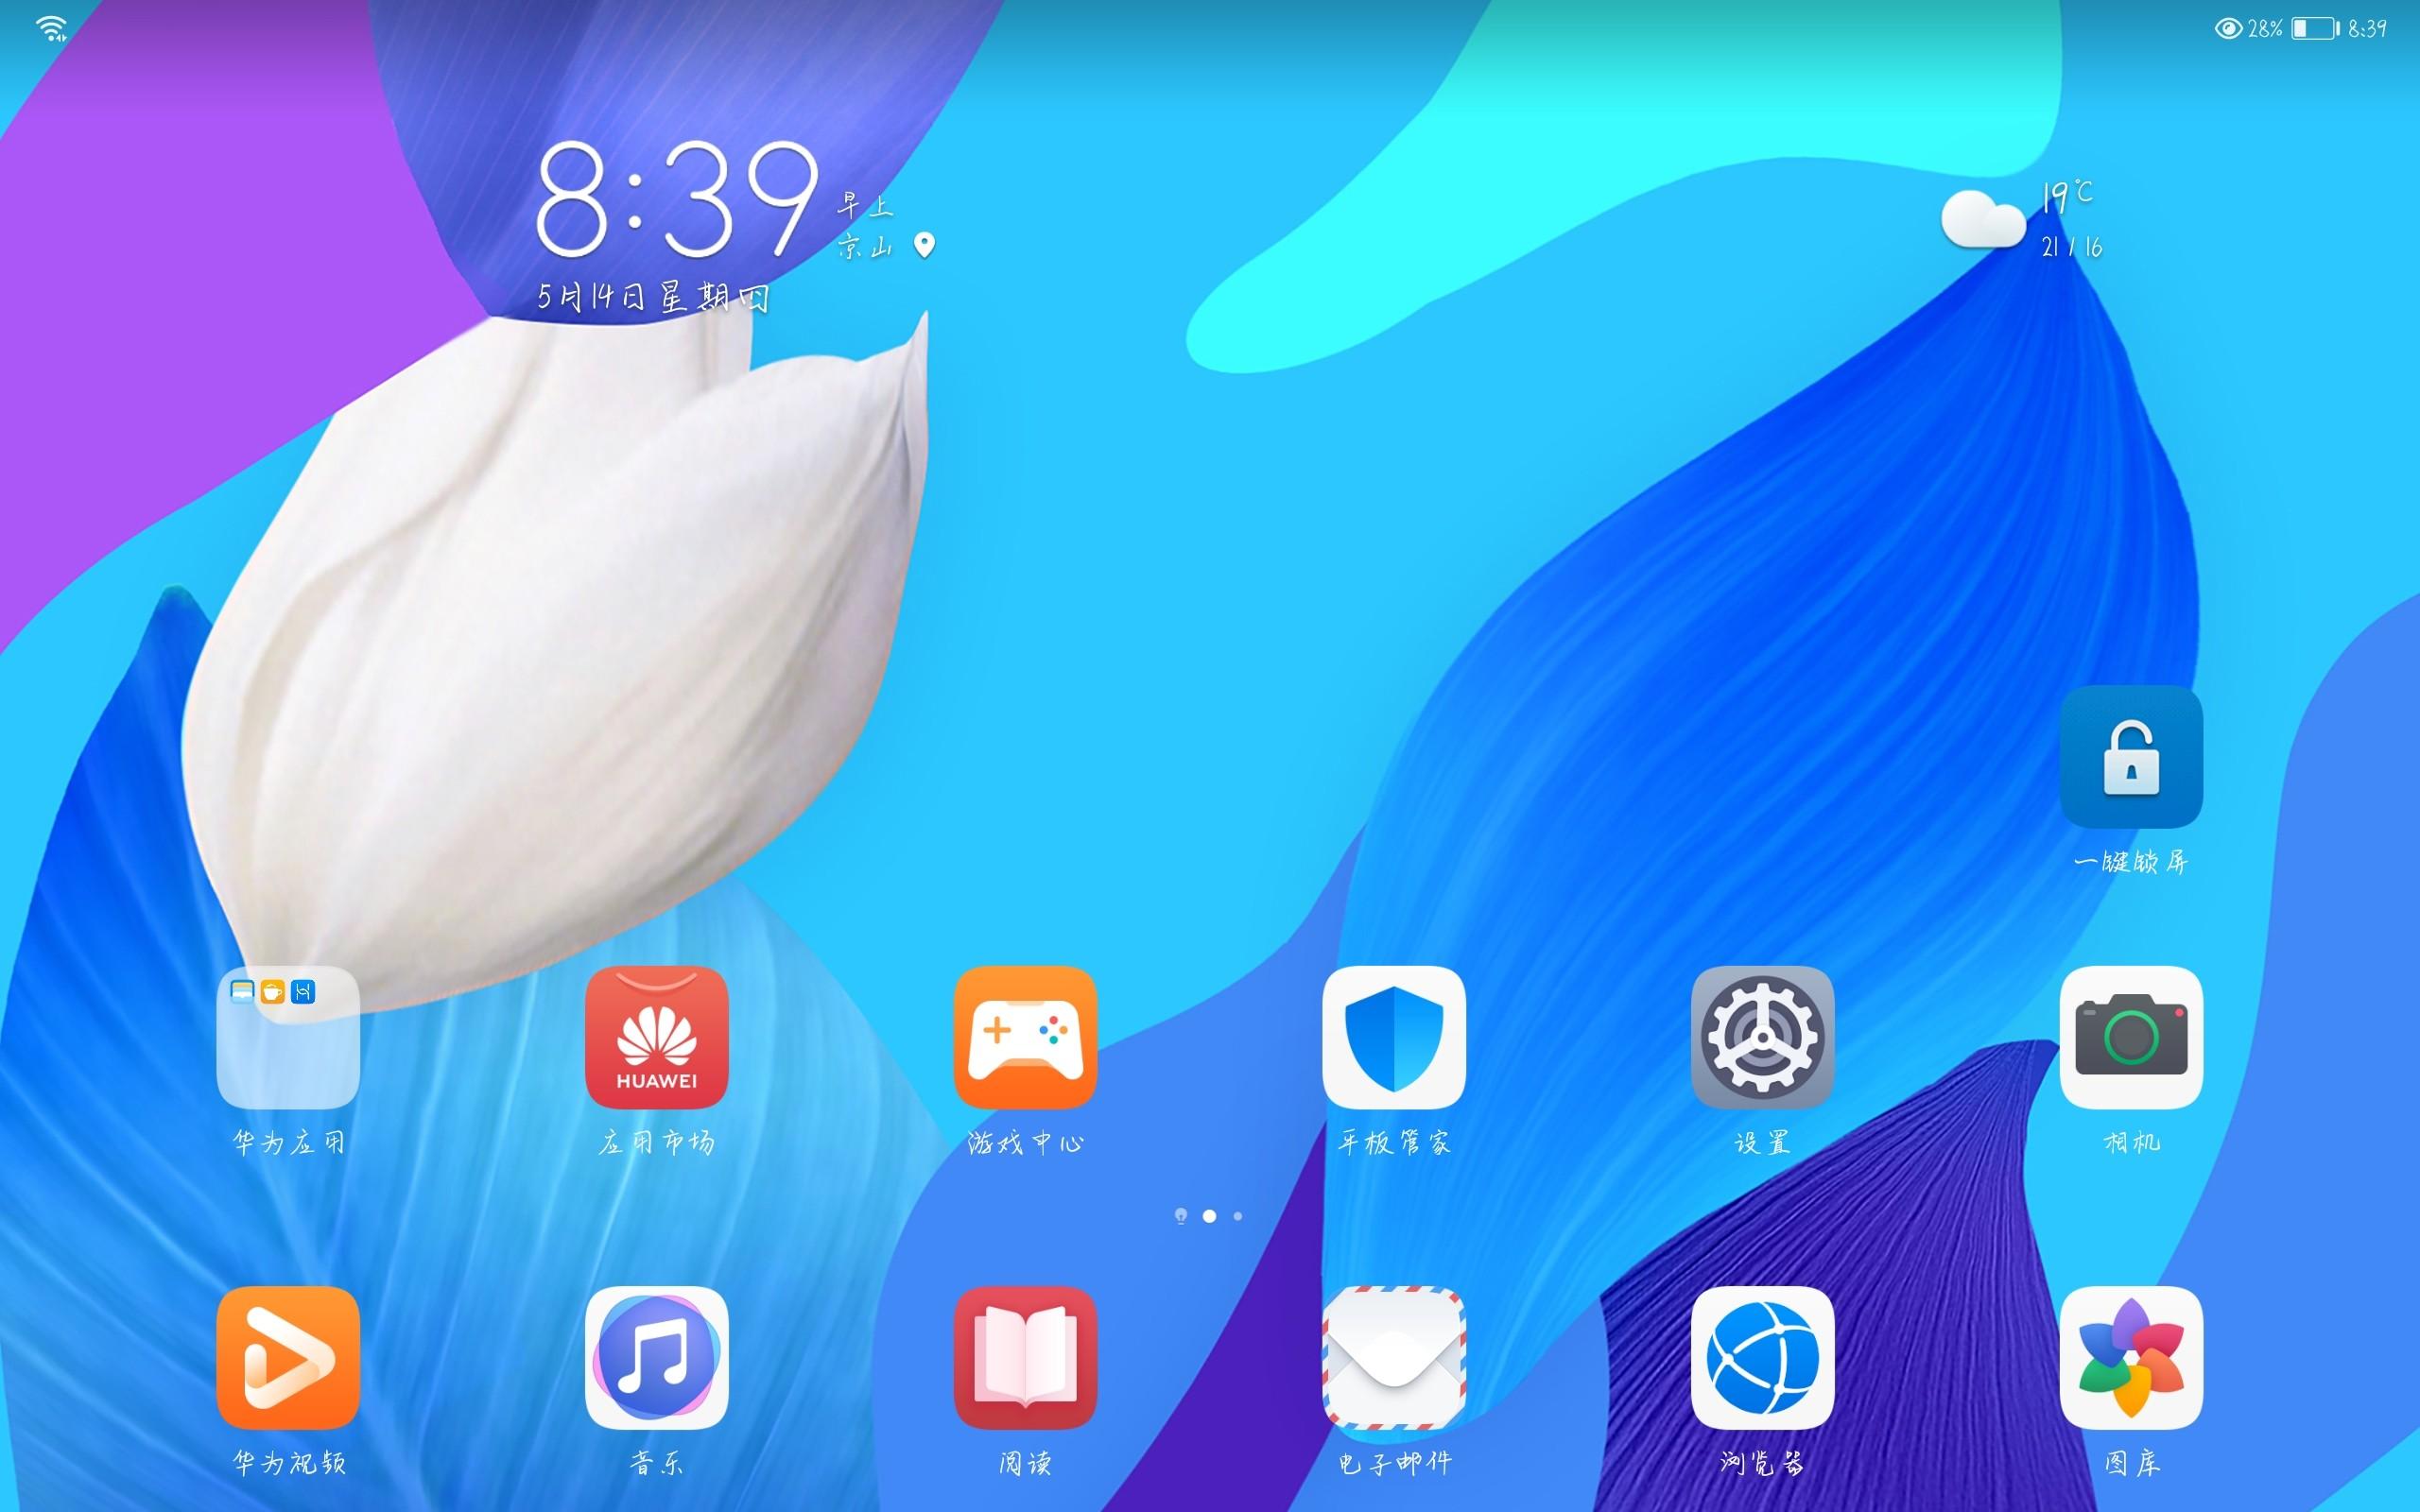 Screenshot_20200514_083958_com.huawei.android.launcher.jpg